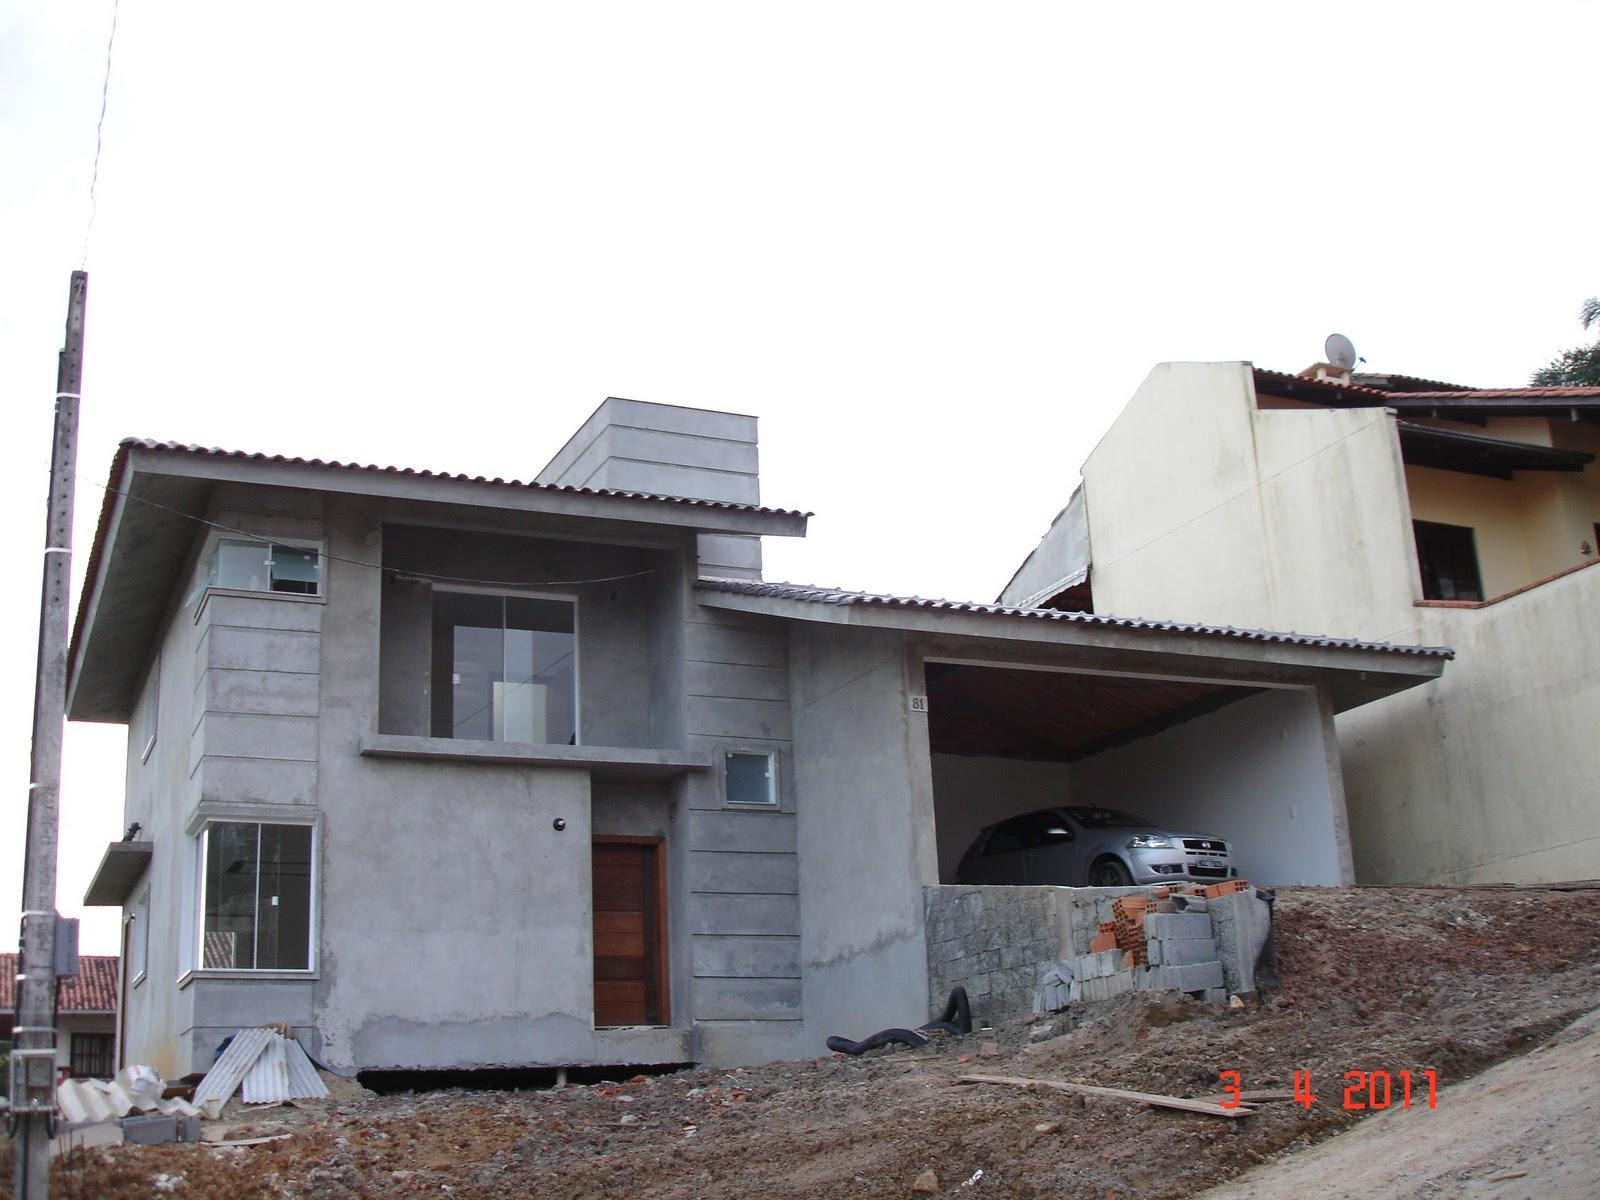 Nossa Casa no Site Construção da fundação ao acabamento: Fotos  #5E4C46 1600 1200